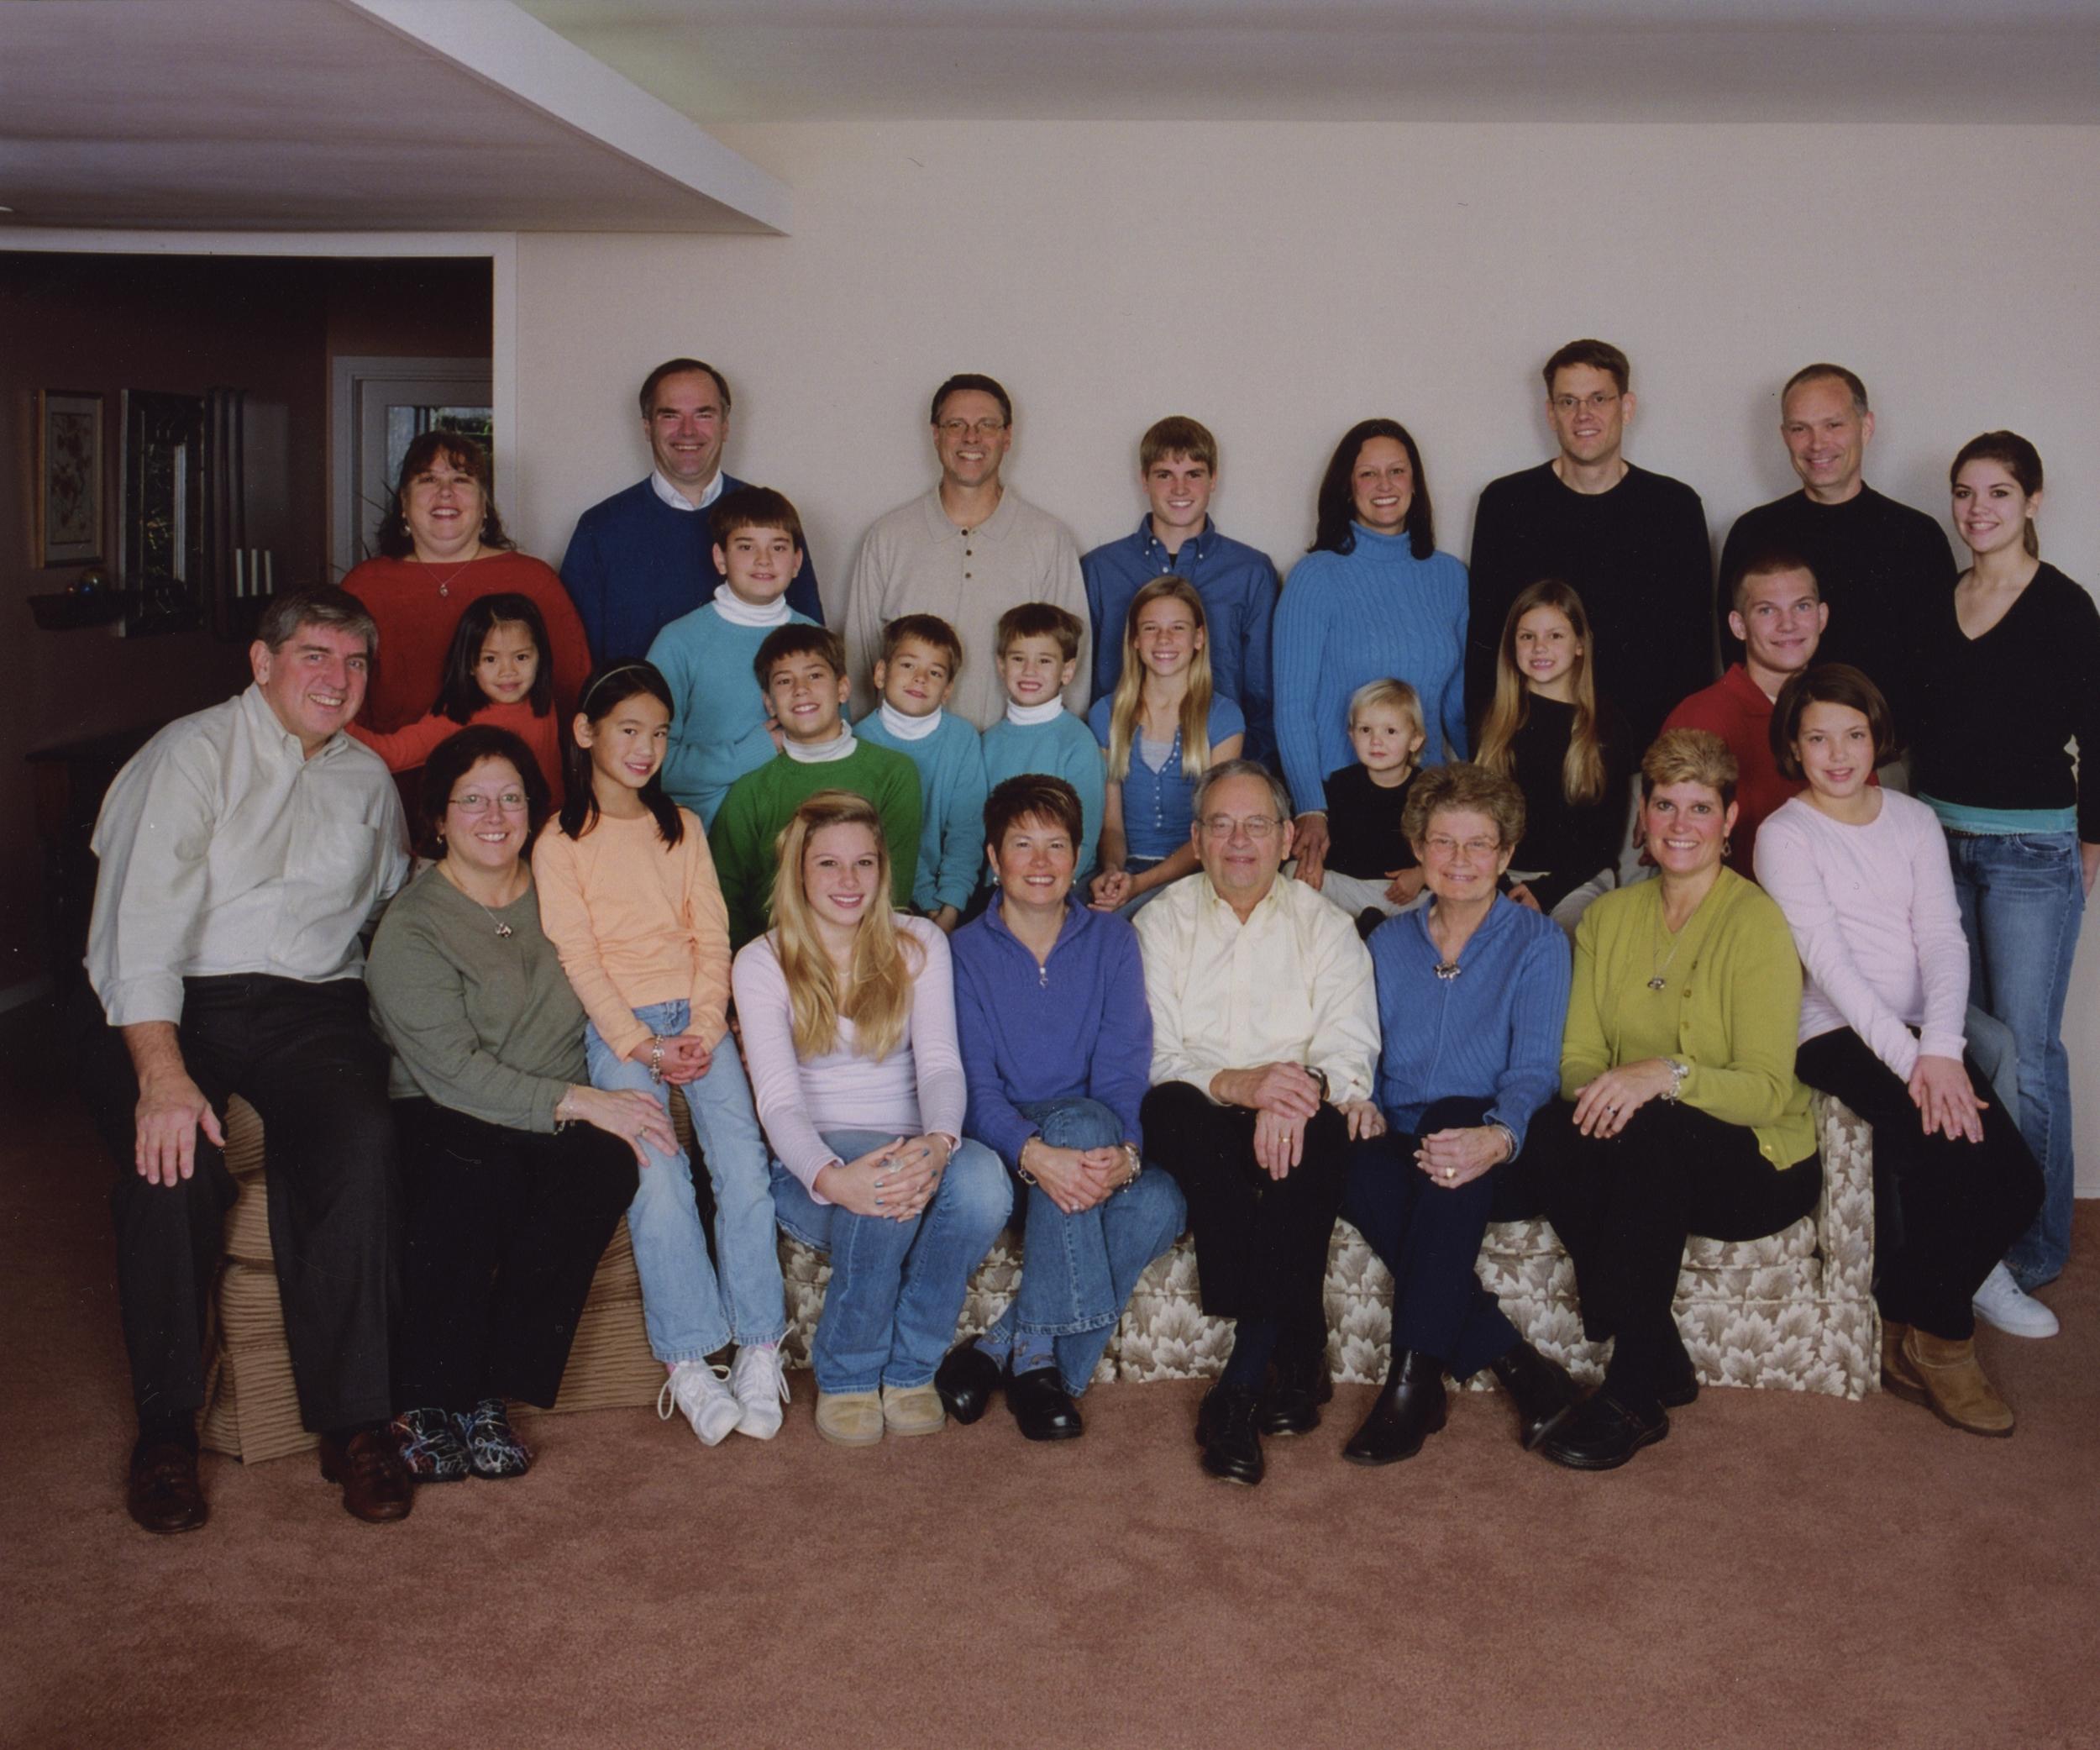 Scanned Old Images 24.jpg